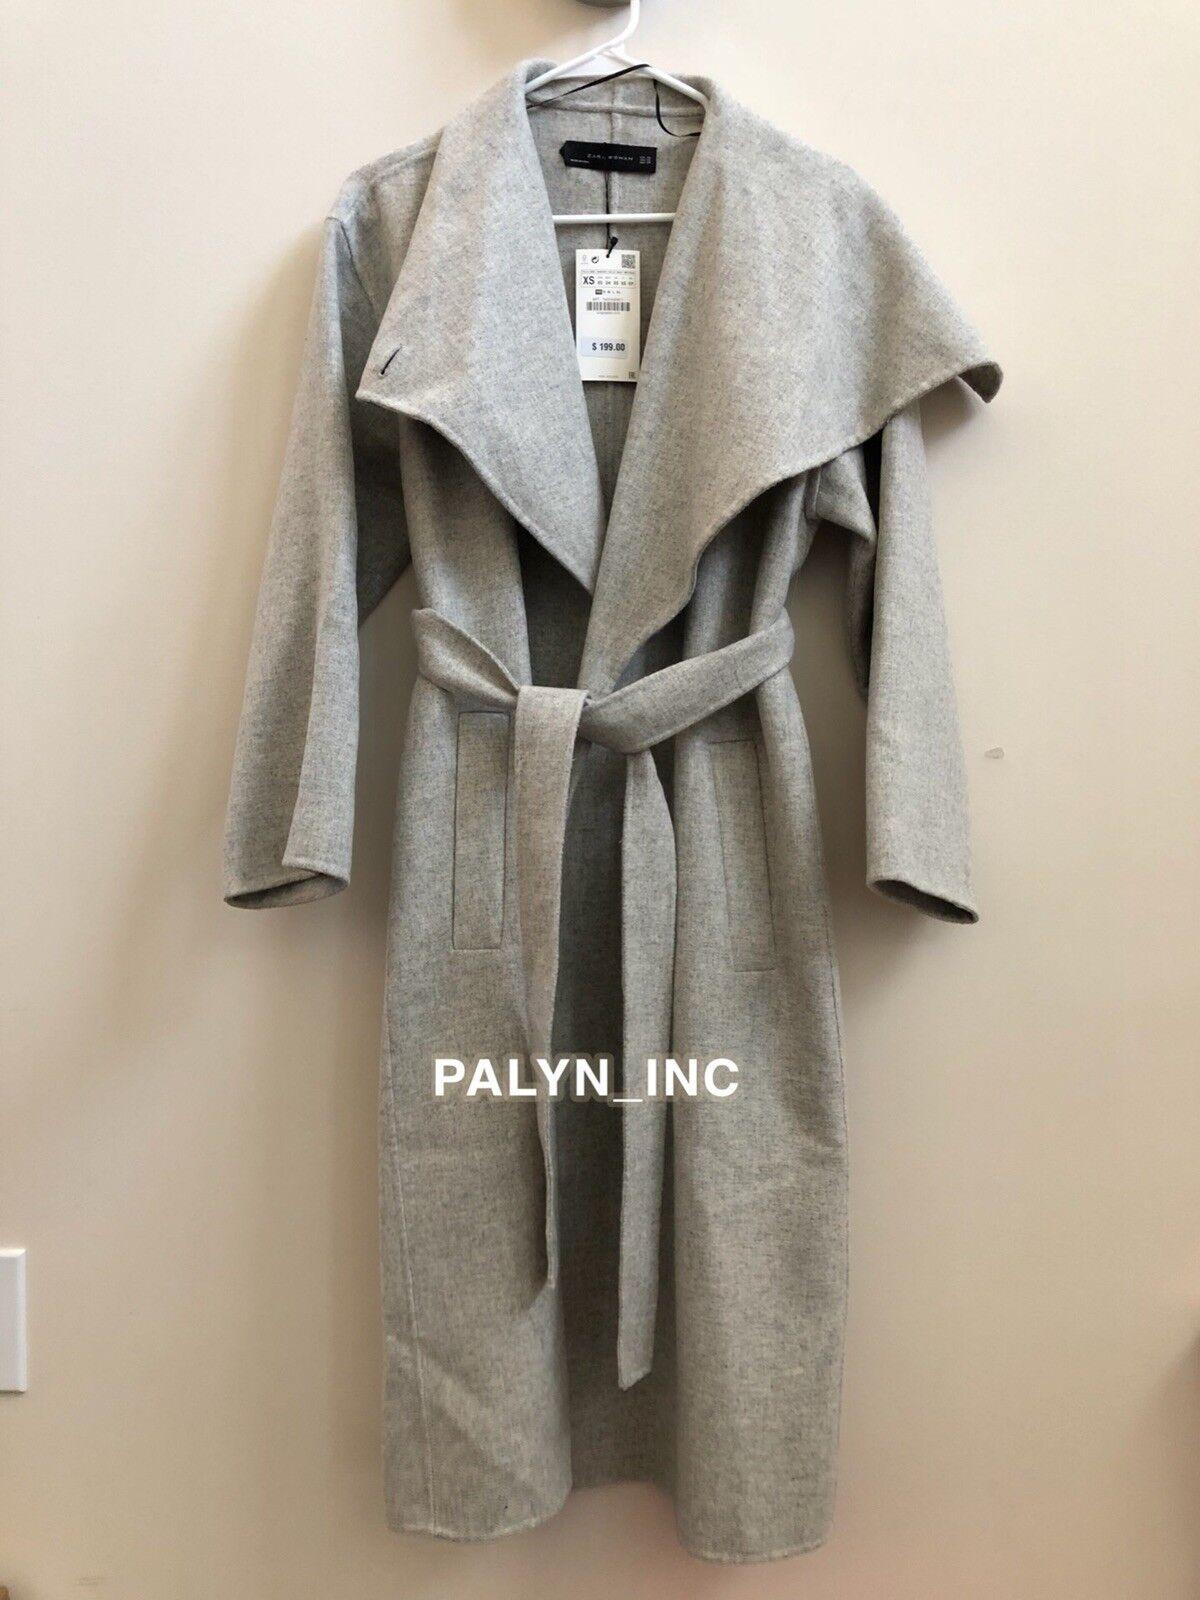 Nwt Zara Hellgrau Wolle Mantel mit Wraparound Kragen 7522 7522 7522 042 _ Xs S   | Verschiedene Stile  | Bequeme Berührung  | Geeignet für Farbe  | Verkaufspreis  | Zarte  bb4e67